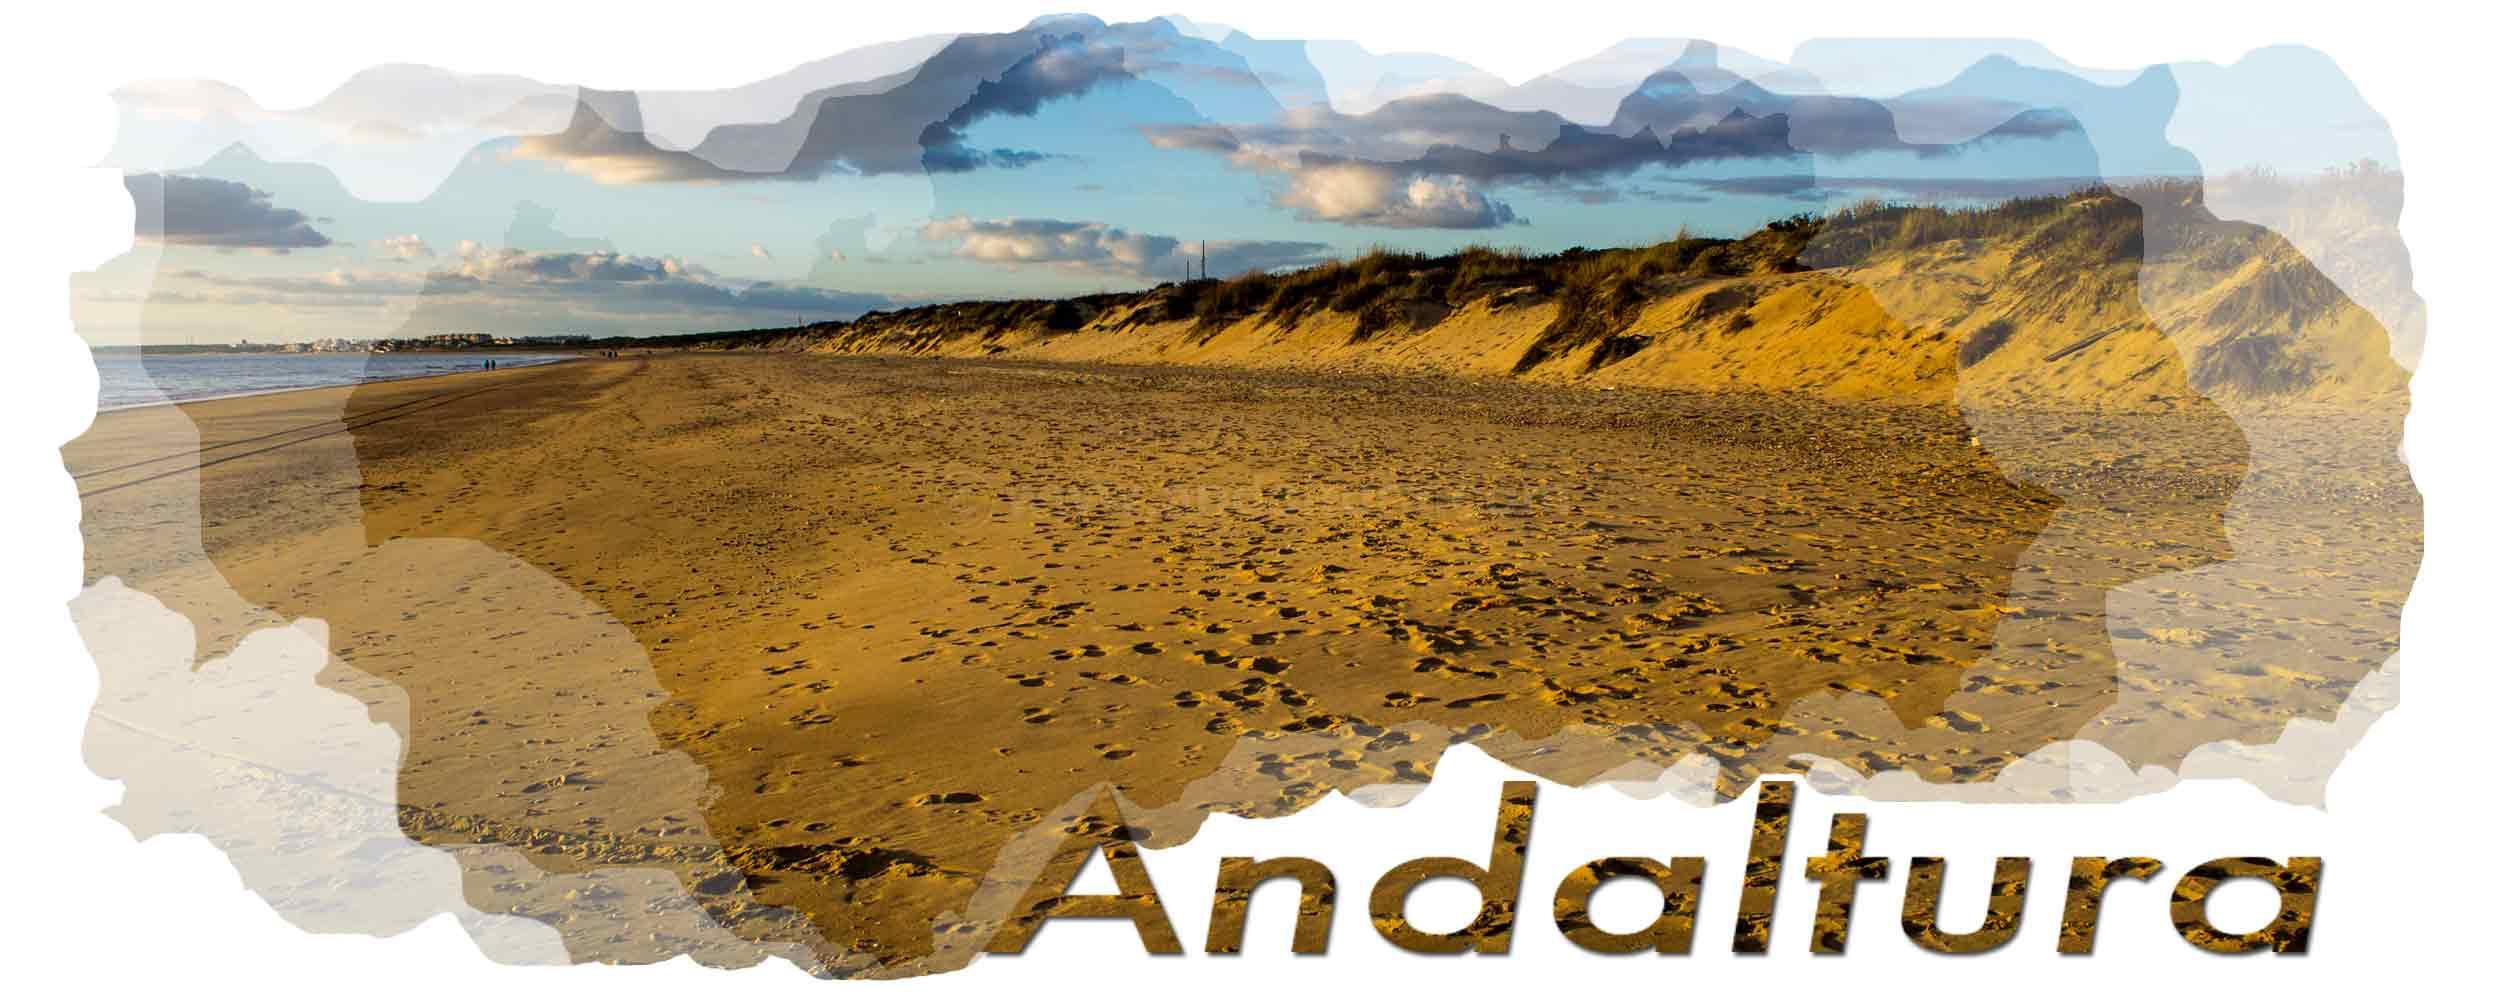 Cabecera del plagio de la Ruta de Lanjarón a las Casas de Tello de Andaltura por la Asociación Promoción Turística Axarquía. Playa de los Enebrales